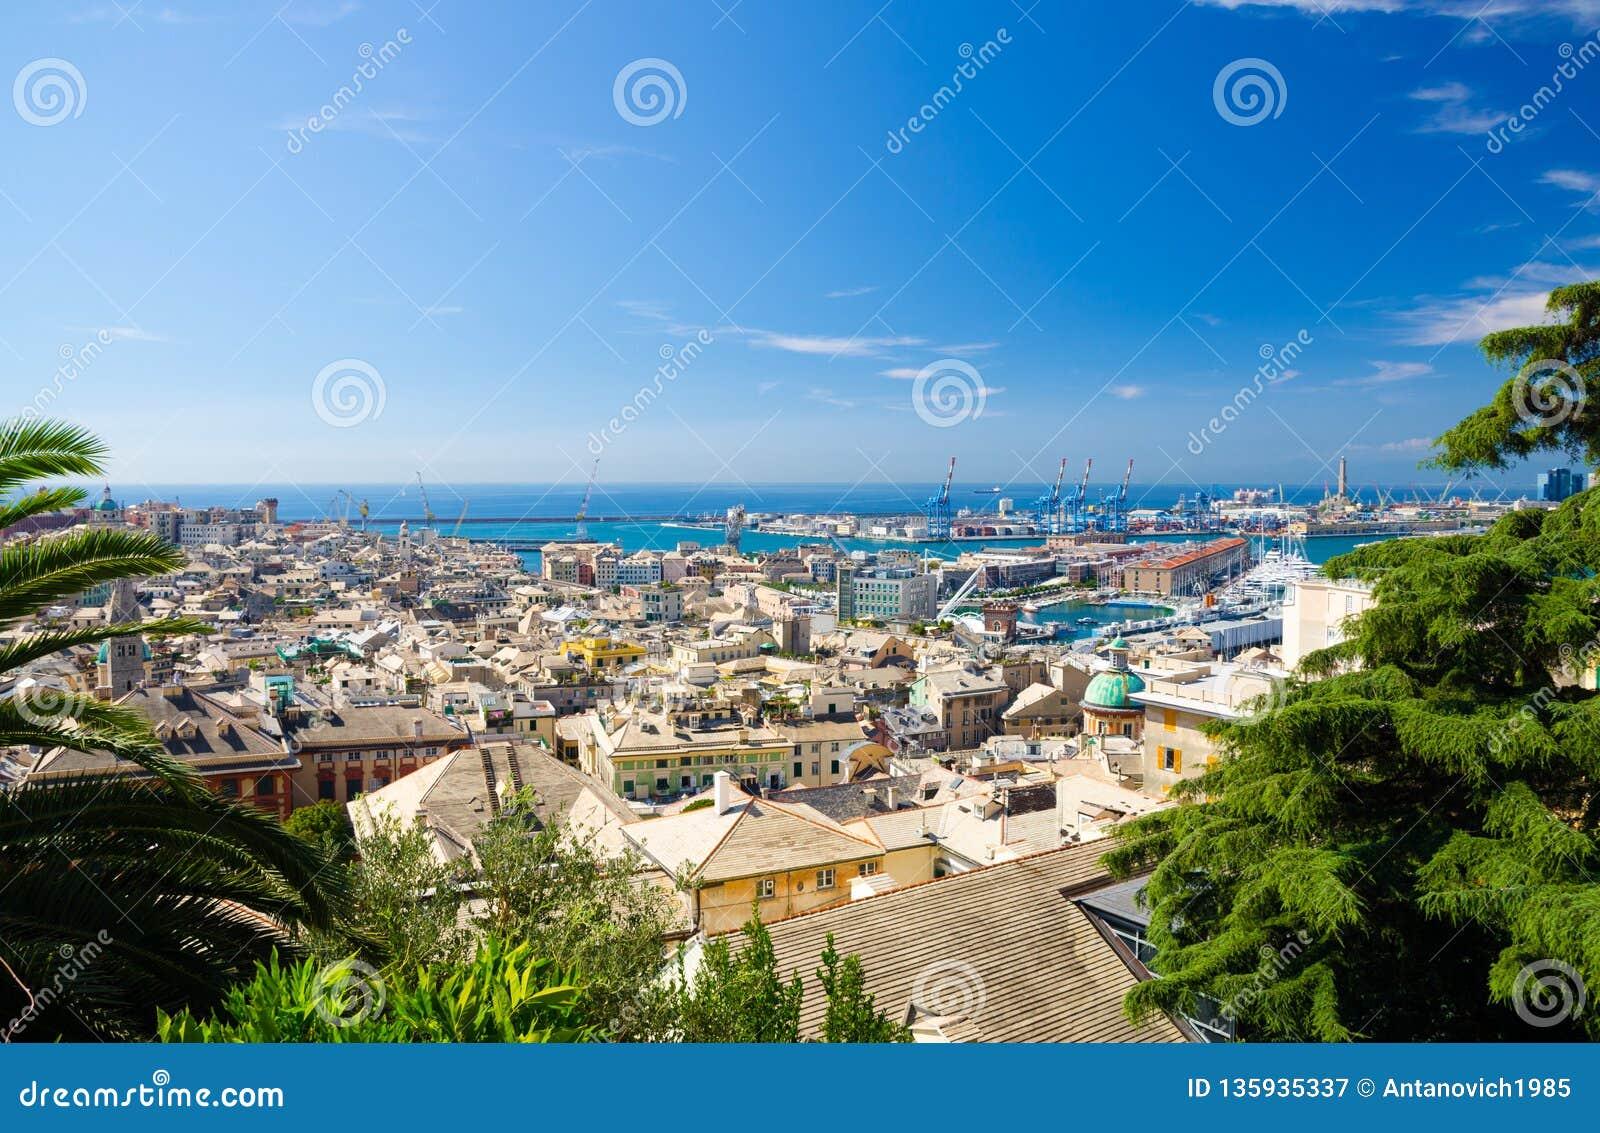 Vista panoramica scenica aerea superiore da sopra di vecchio centro storico della città europea Genova